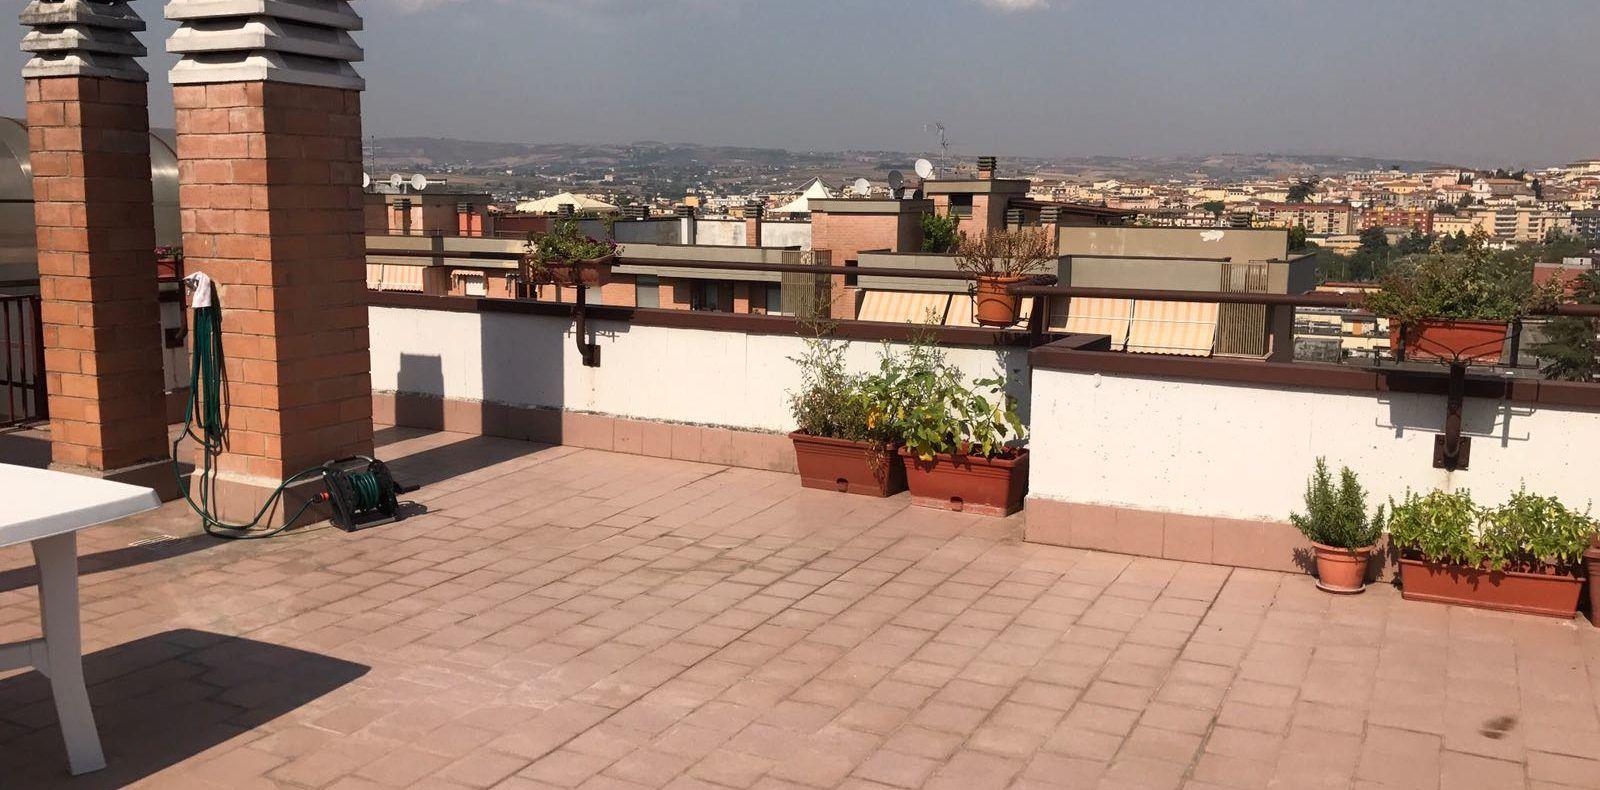 Appartamento con terrazzo – cantina e box auto – Via Luigi Piccinato ...